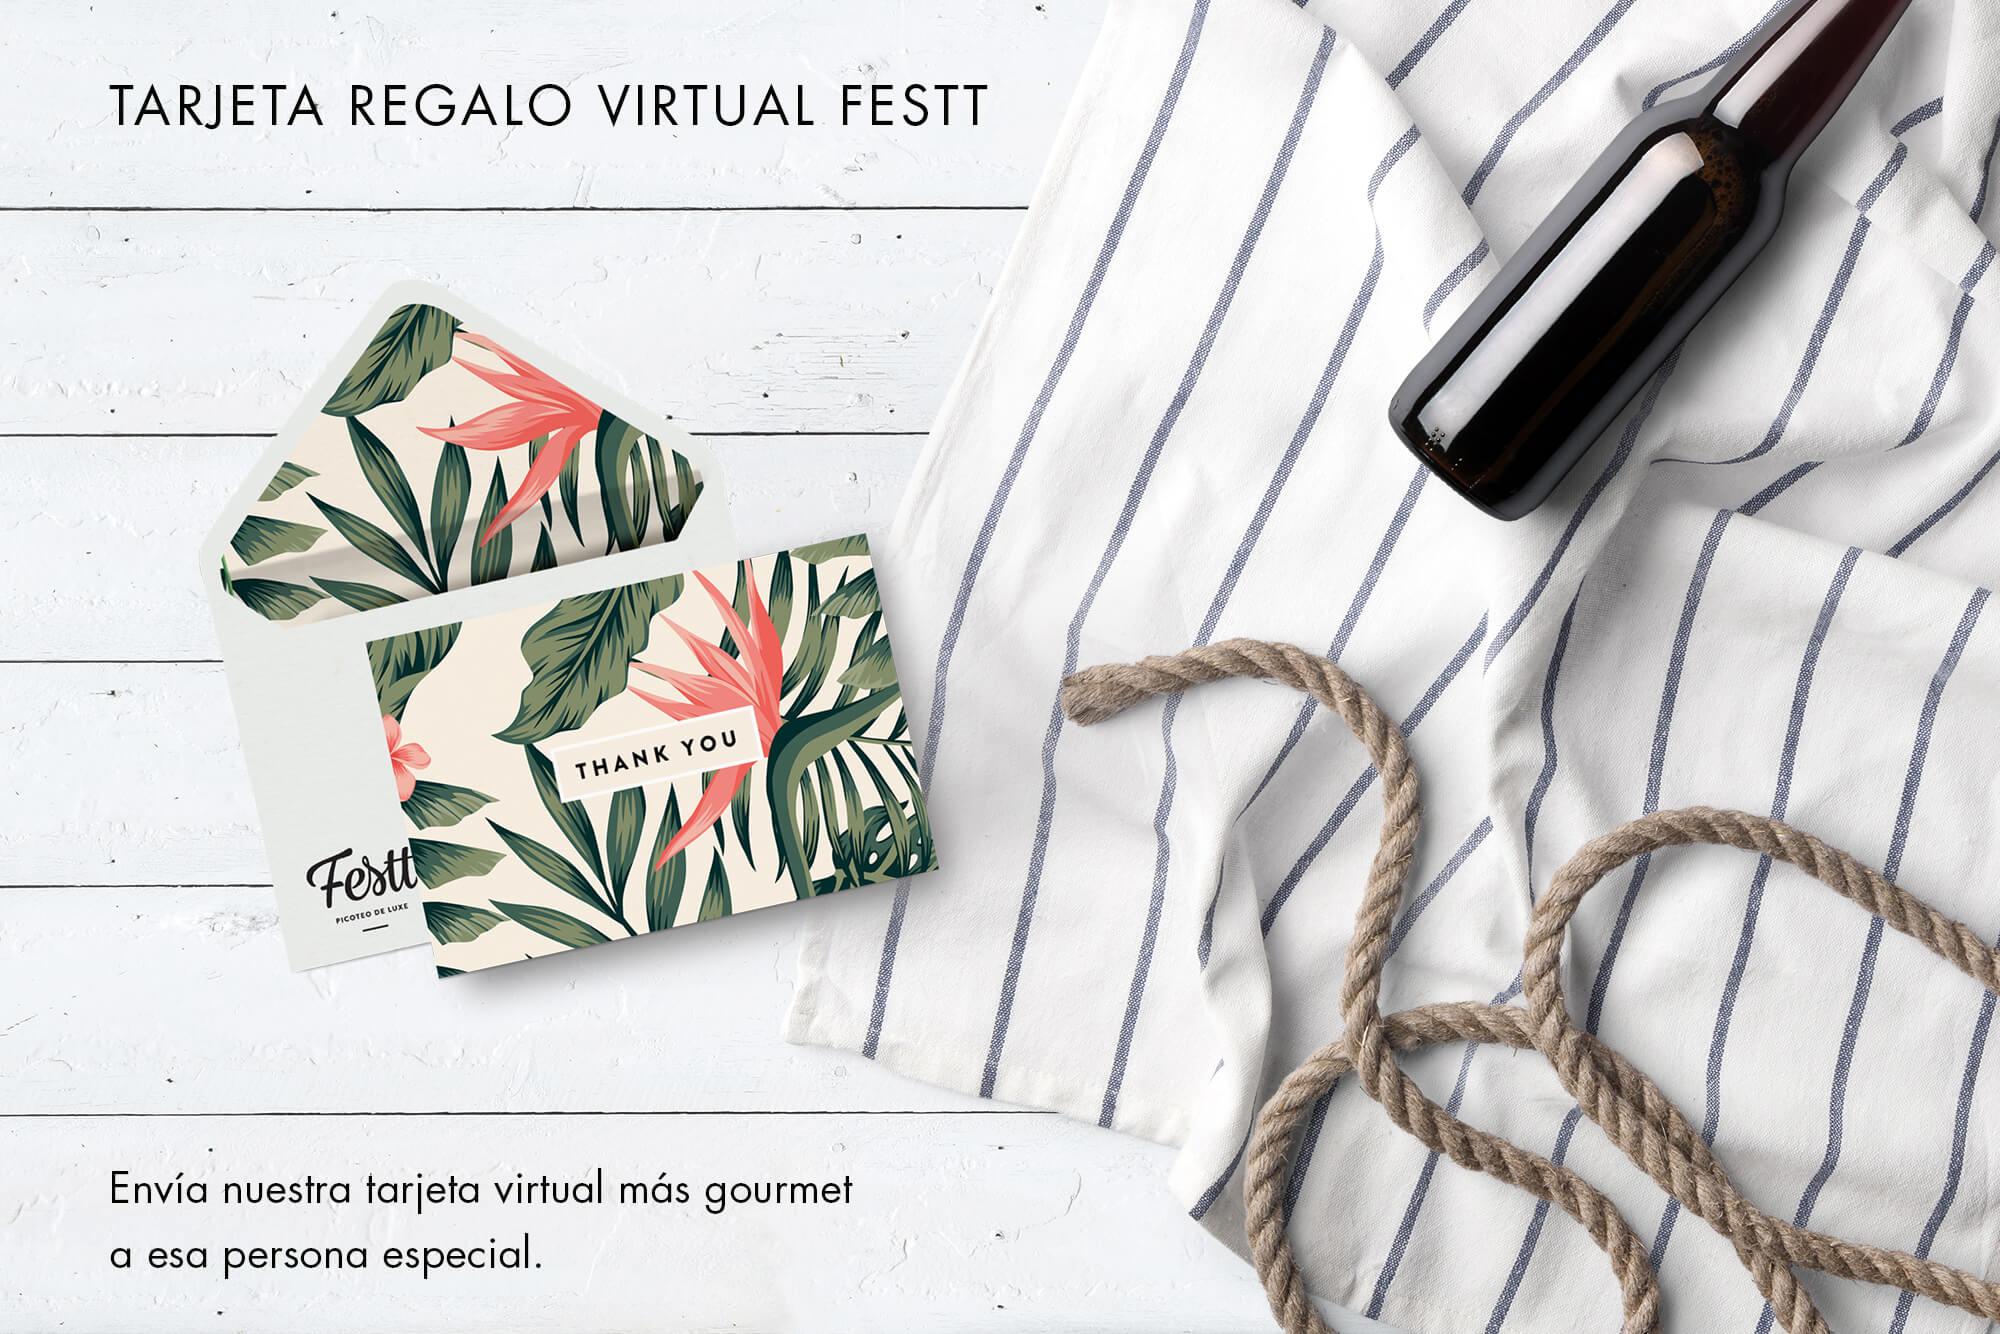 Tarjeta regalo virtual Festt